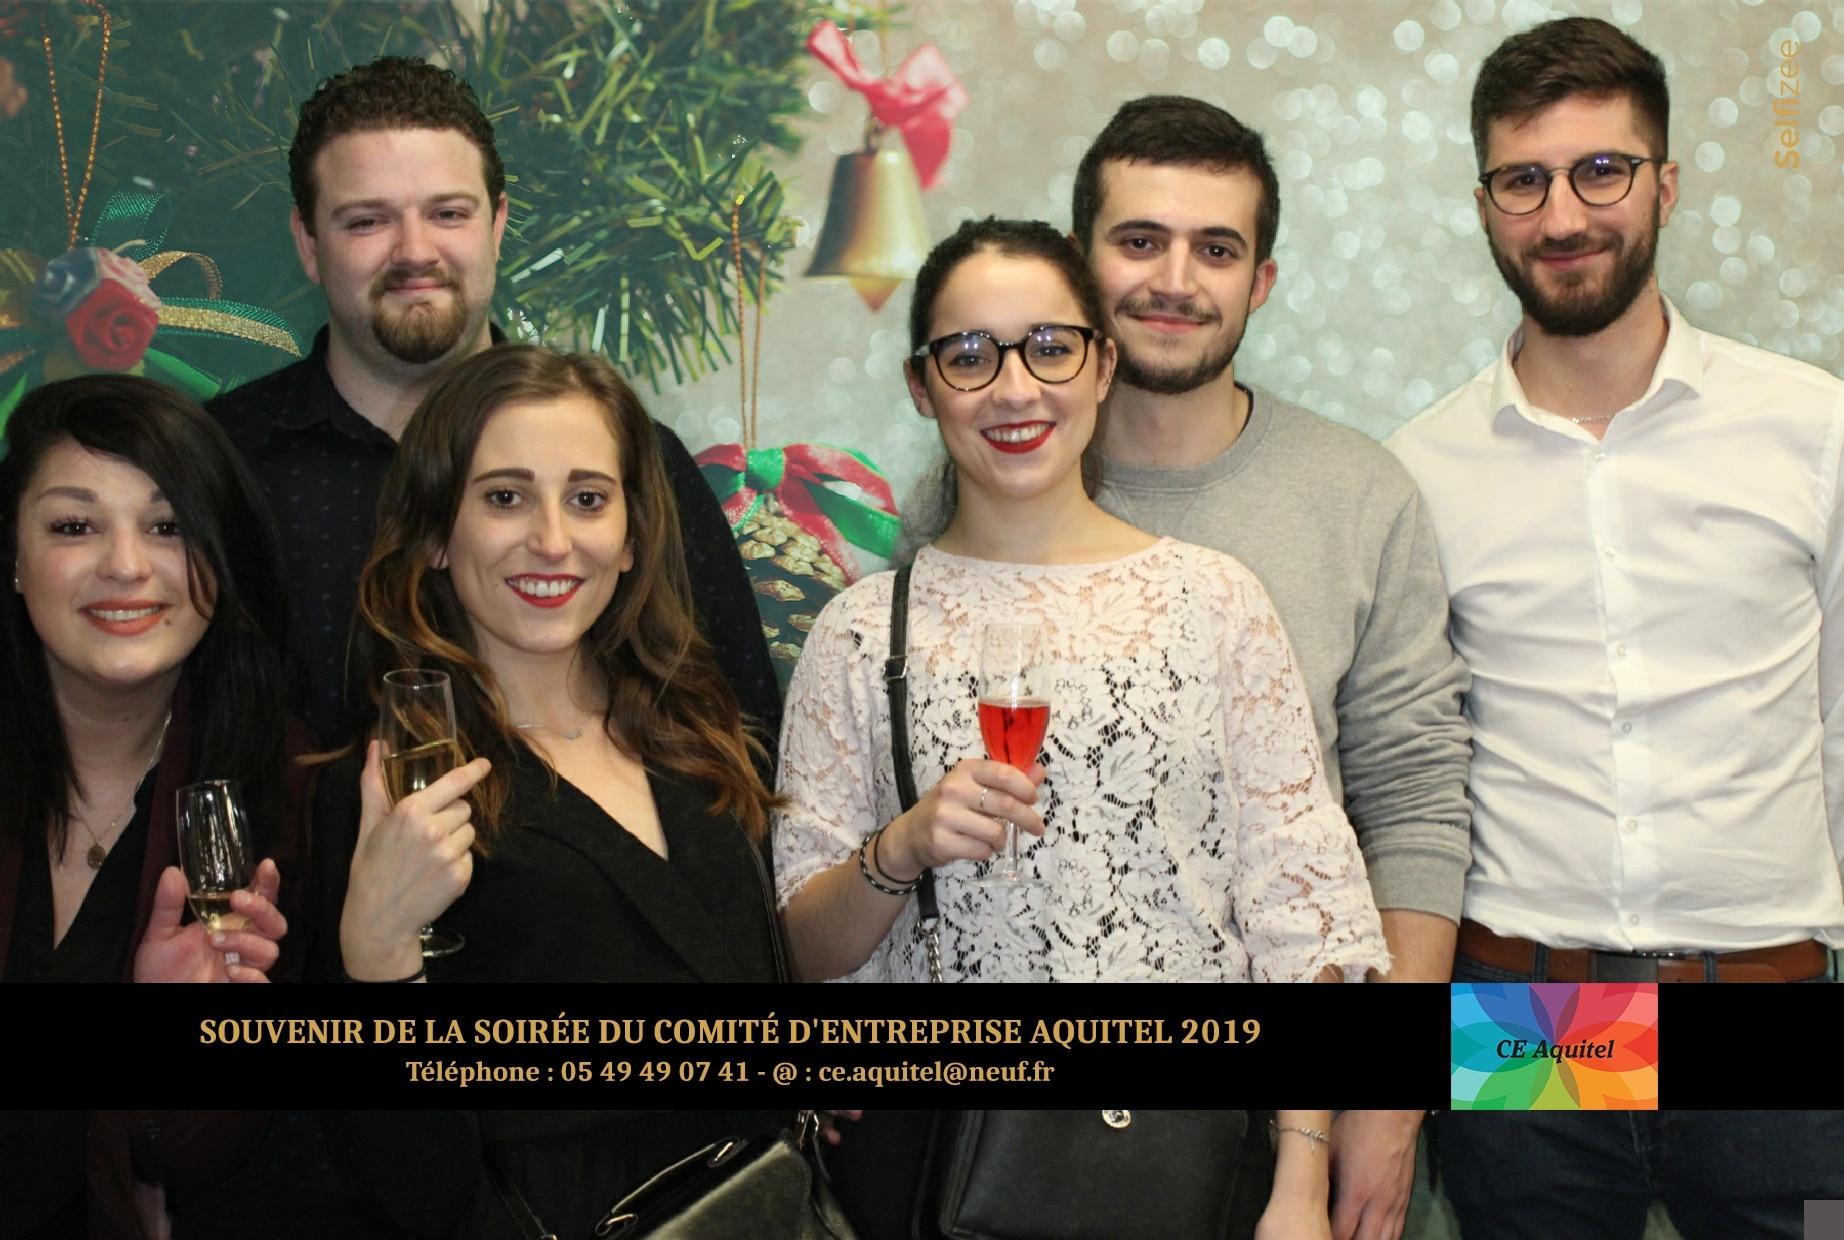 Animation photobooth et fond vert à fête fin d'année de l'entreprise Aquitel près de Poitiers pour selfies soirée comité entreprise